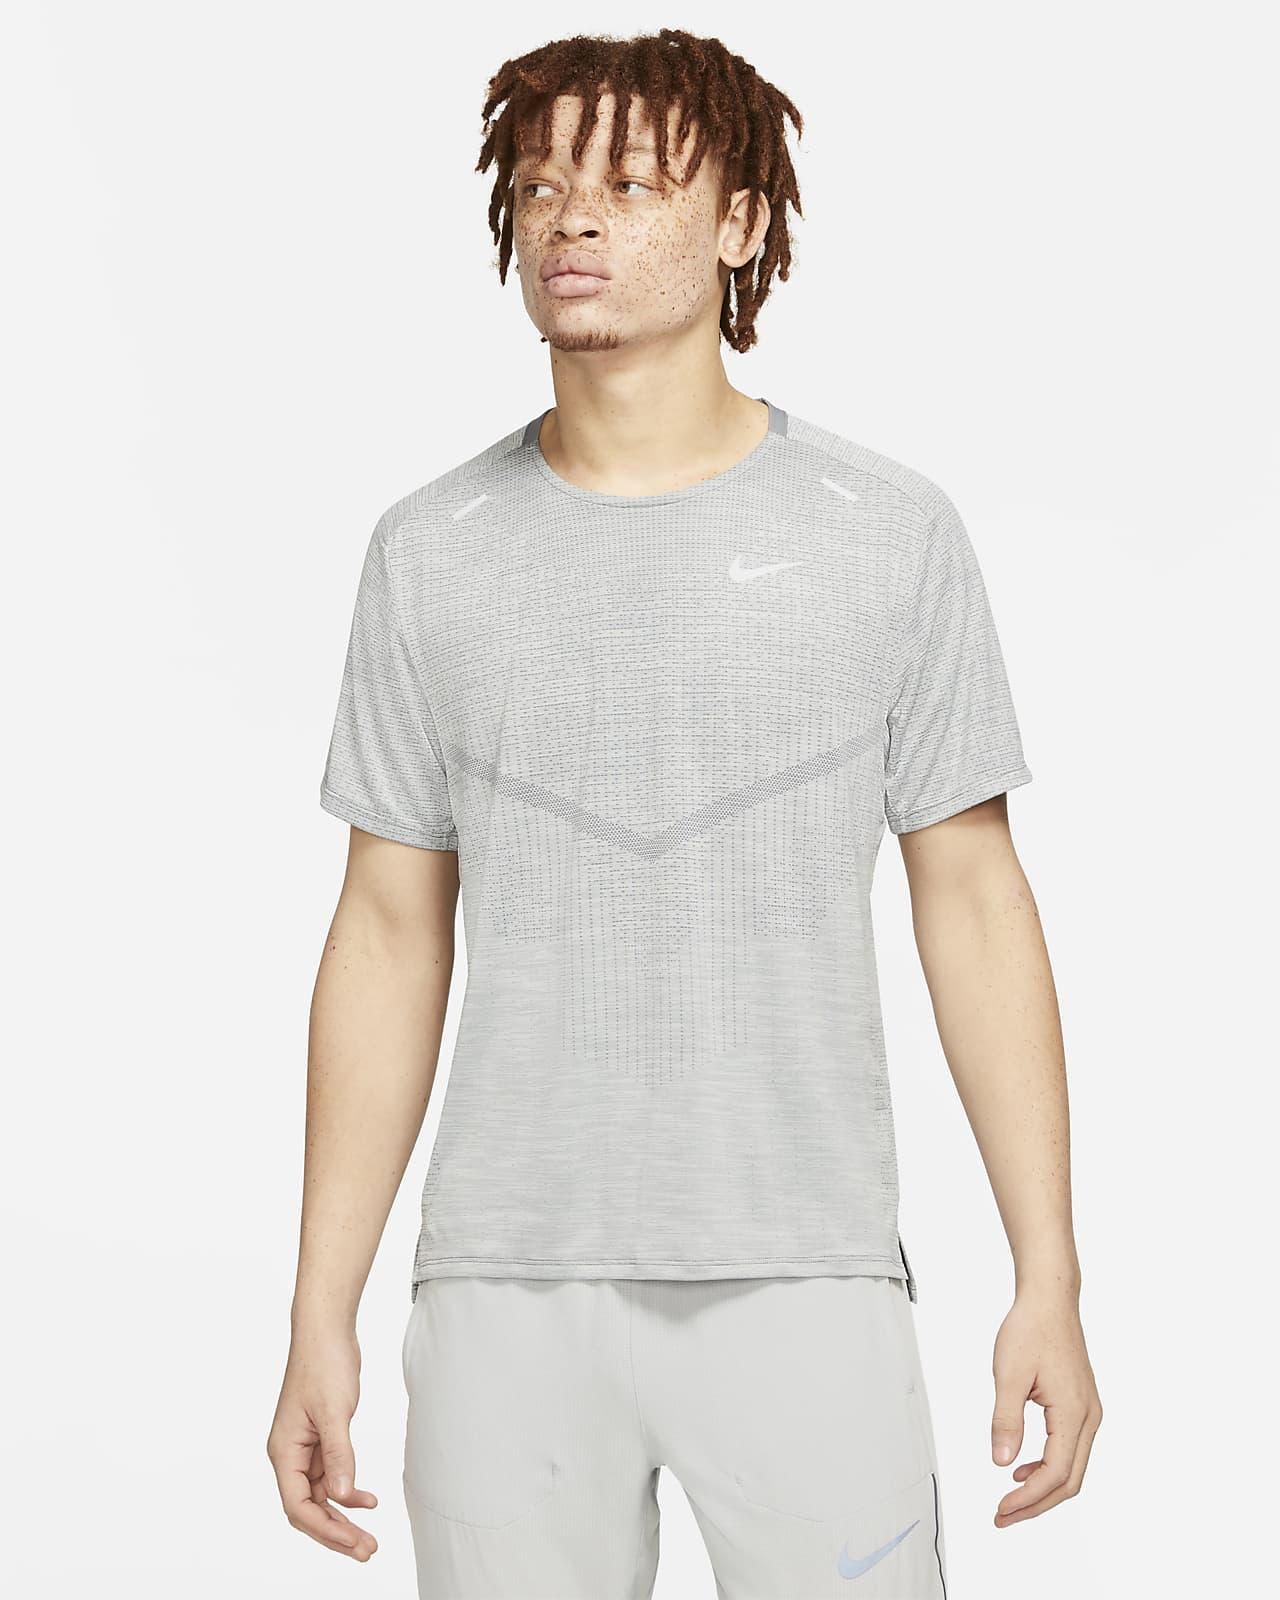 Pánské běžecké tričko Nike Dri-FIT ADV Techknit Ultra skrátkým rukávem